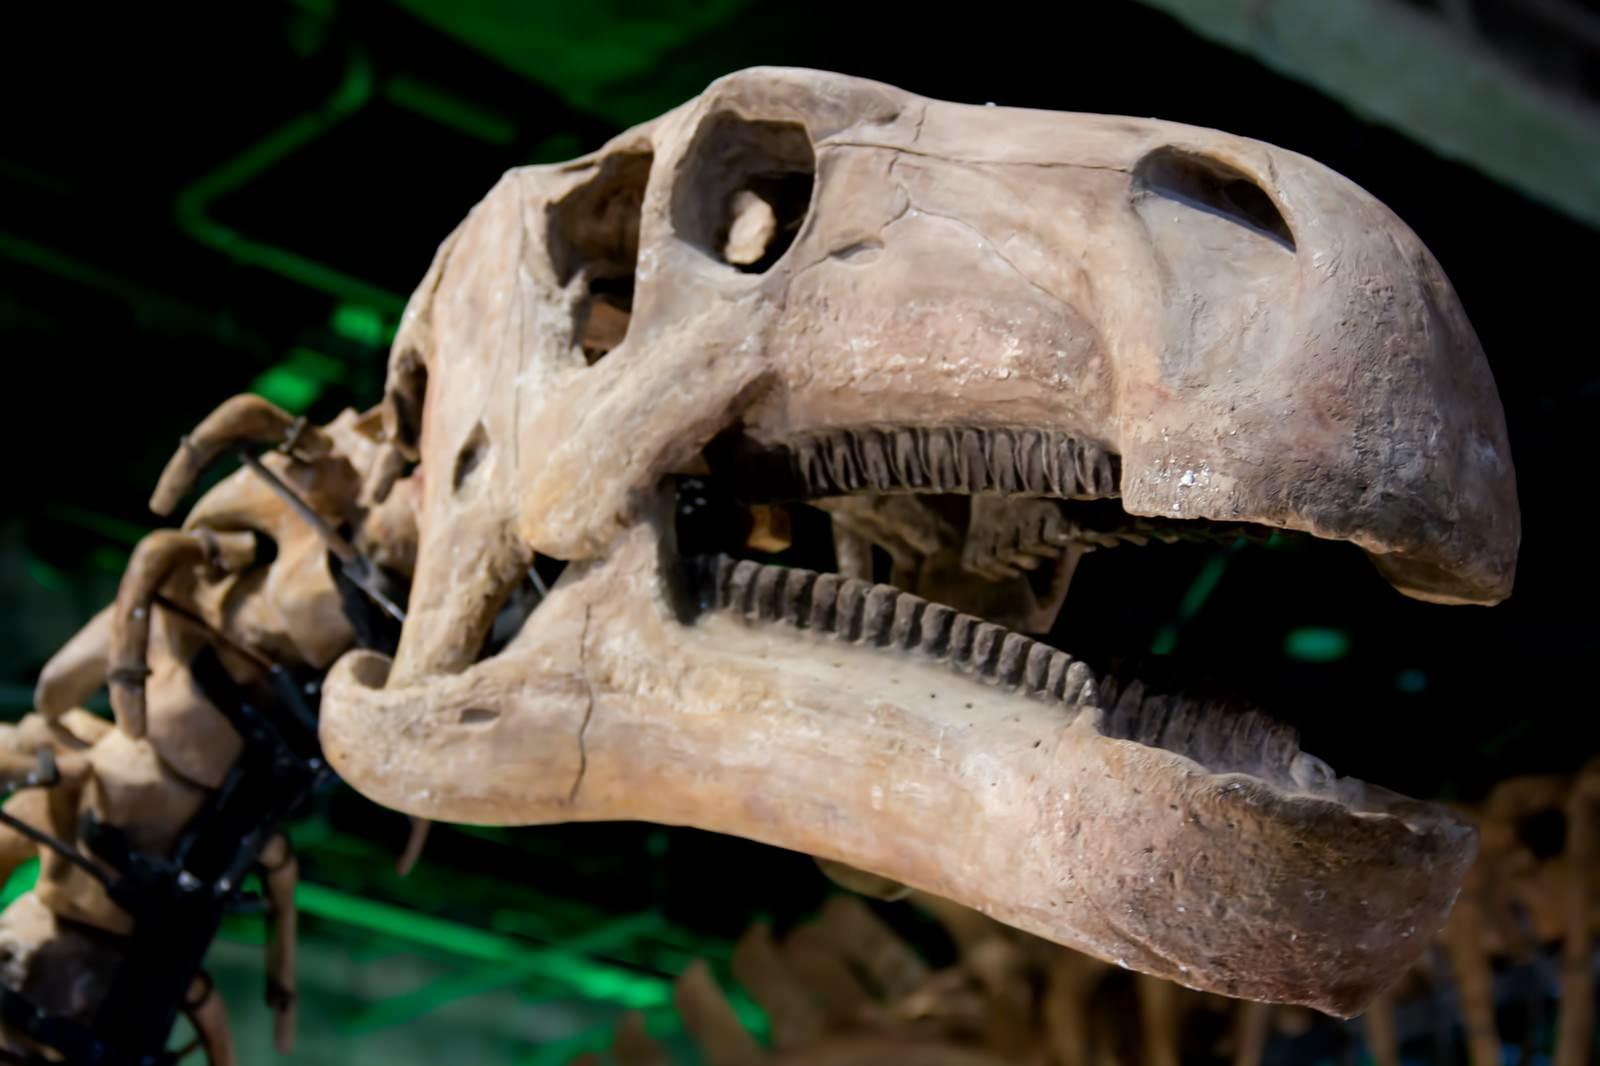 CKL_kyouryuunohyouhon_TP_V-dinosaur-day.jpg